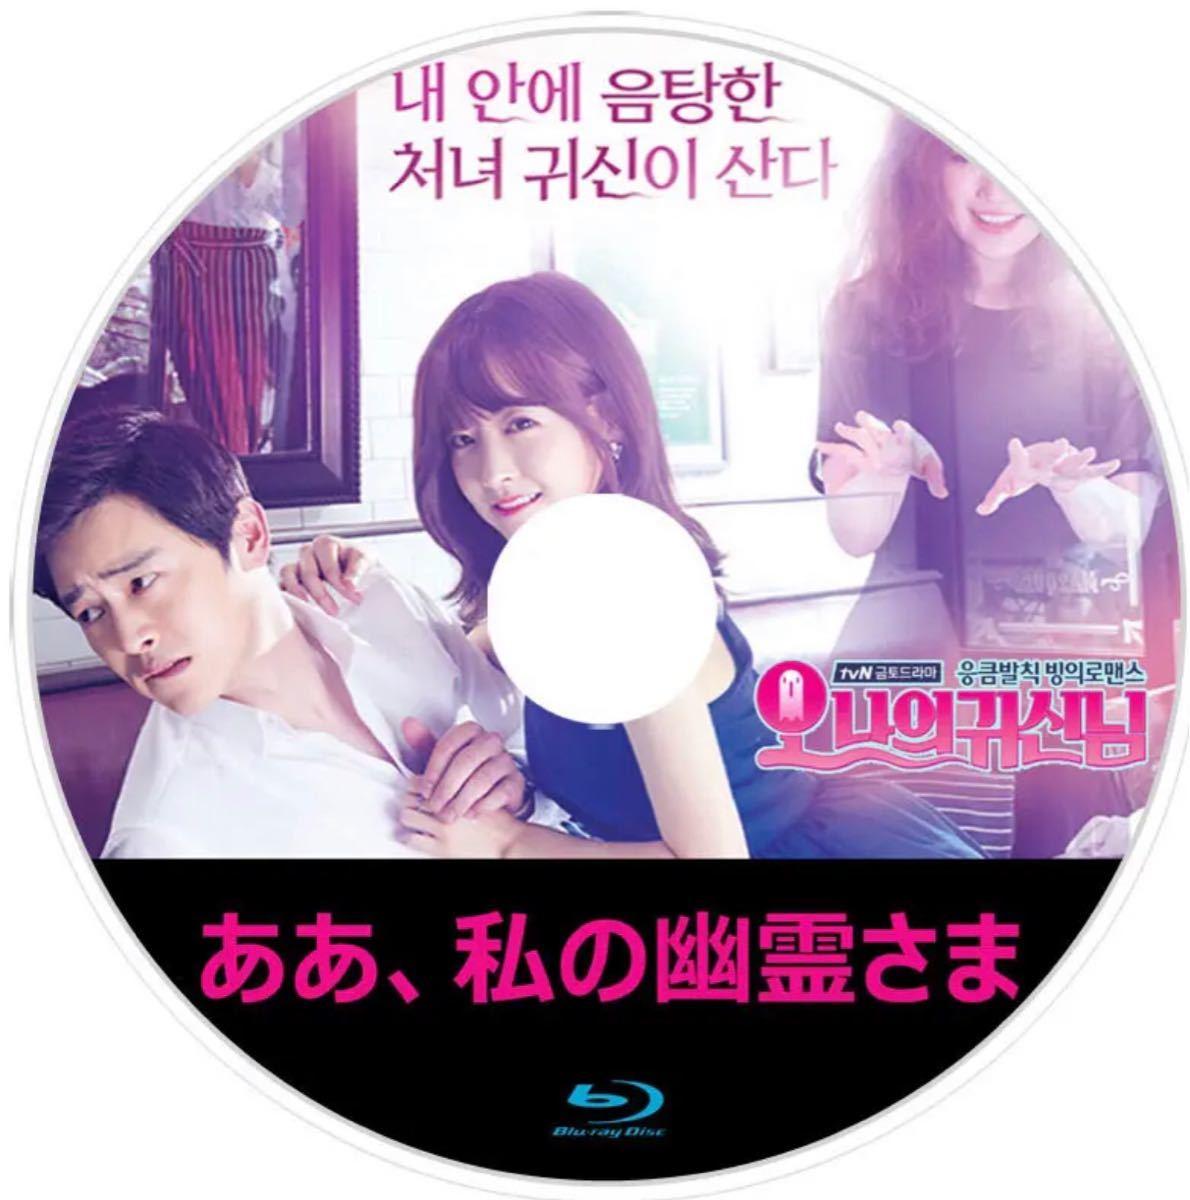 ああ、私の幽霊さま Blu-ray版 (全16話)disk1枚 日本語字幕韓国ドラマ レーベル印刷あり、全話 、ブルーレイケース付き